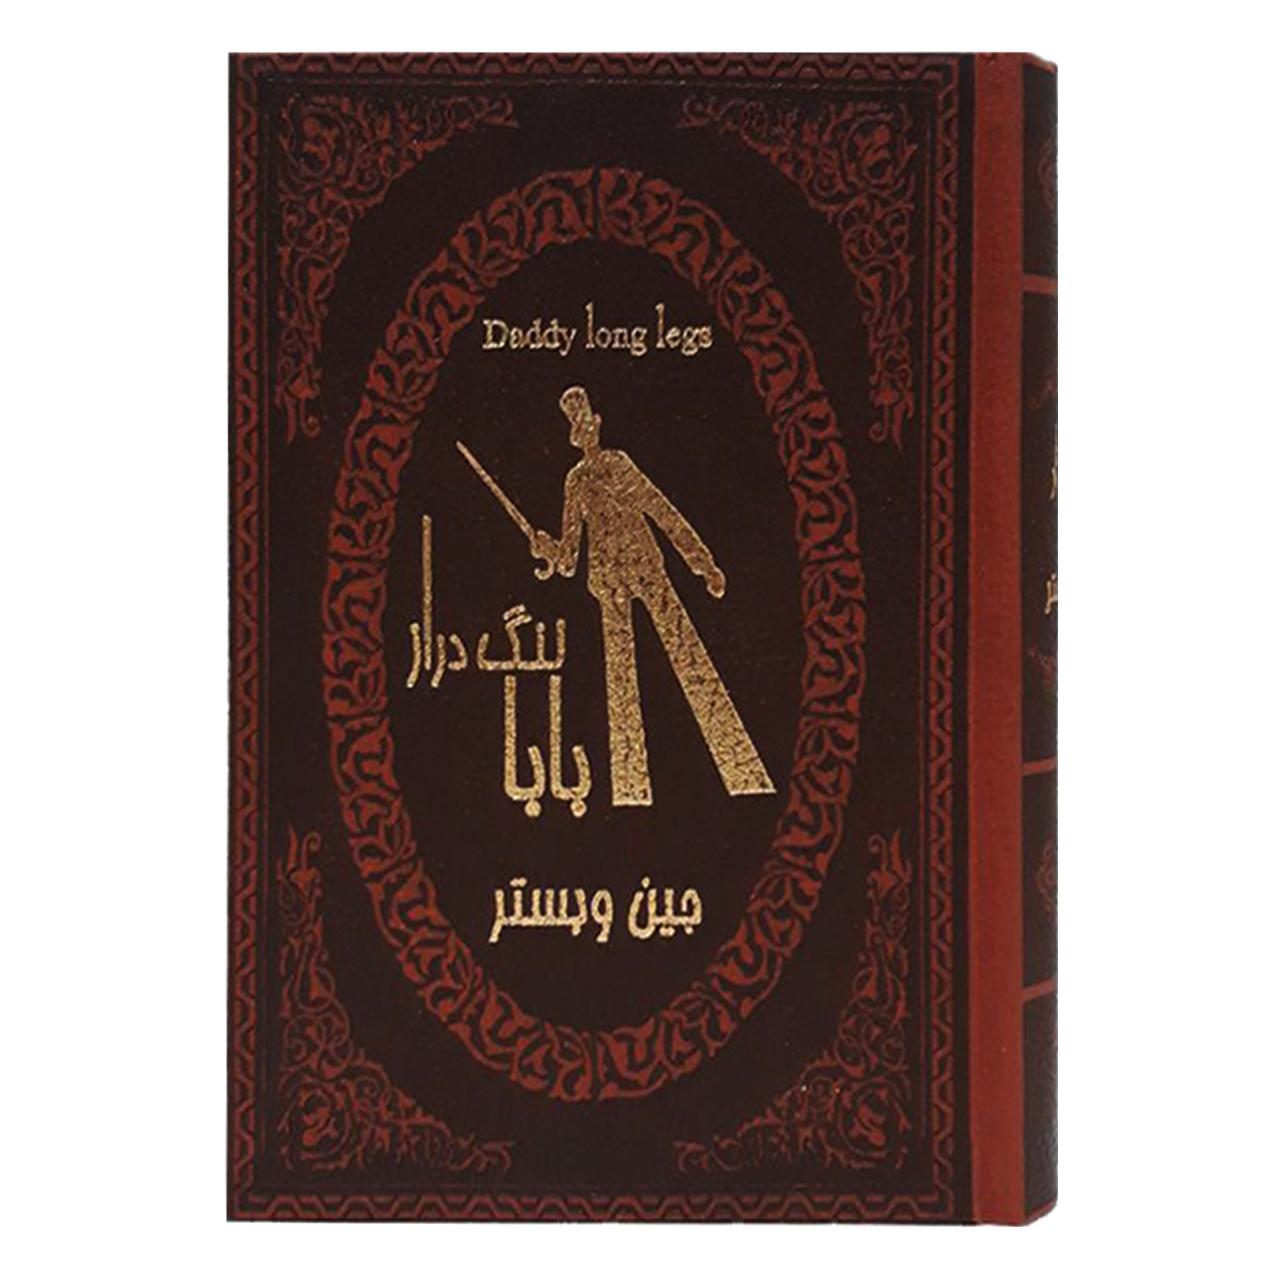 کتاب بابا لنگ دراز اثر جین وبستر انتشارات پارمیس